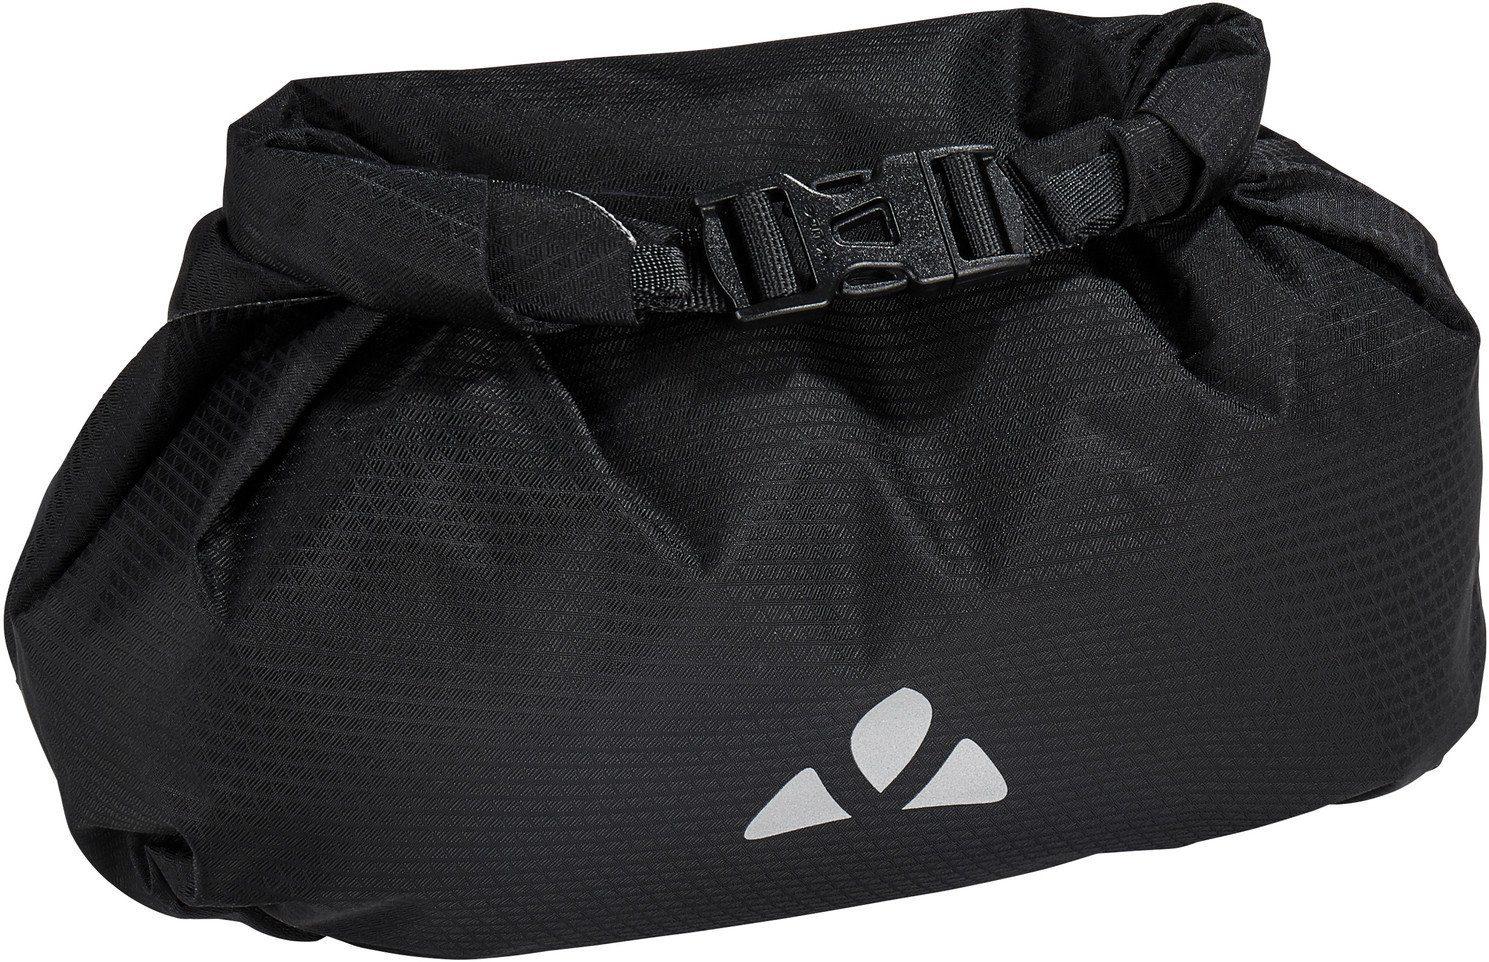 VAUDE Fahrradtasche »Aqua Box Light Handlebar Bag«